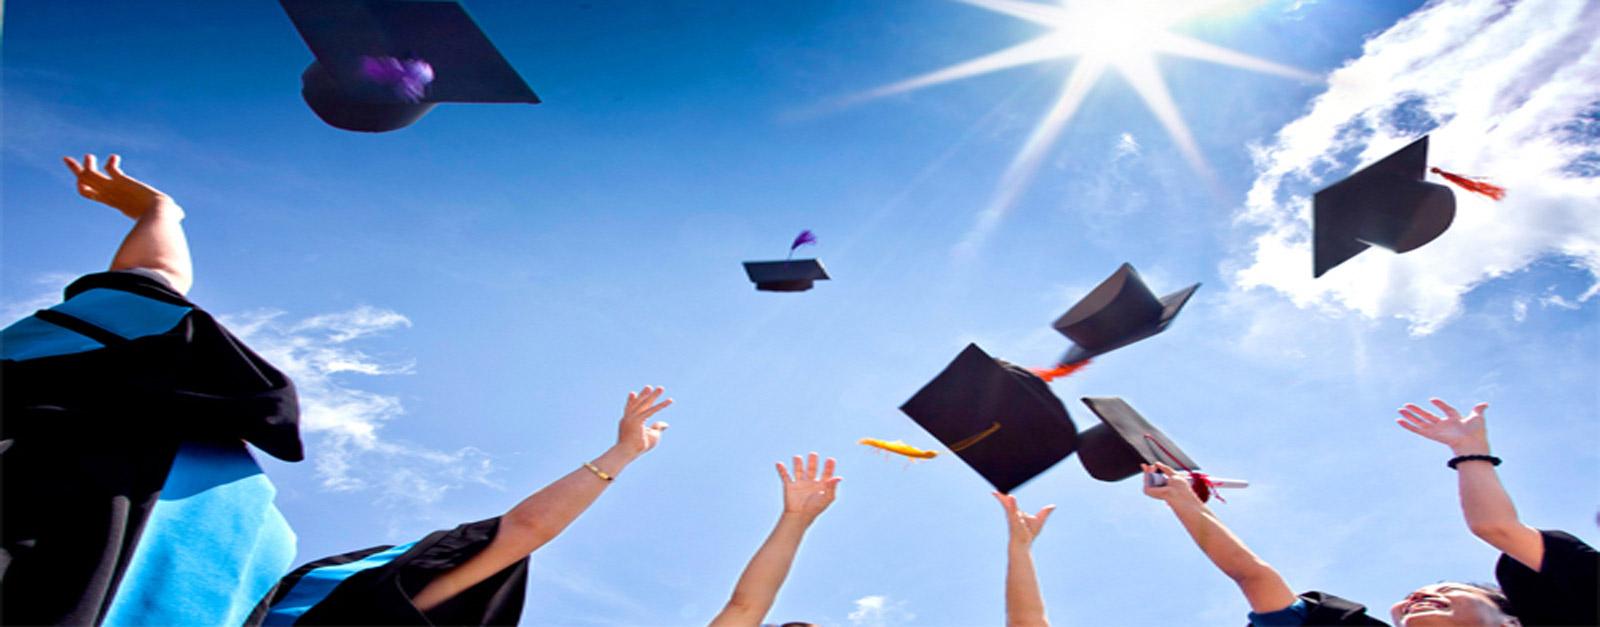 毕业旅行不要忘记带上意外险 才可以万无一失的嗨皮